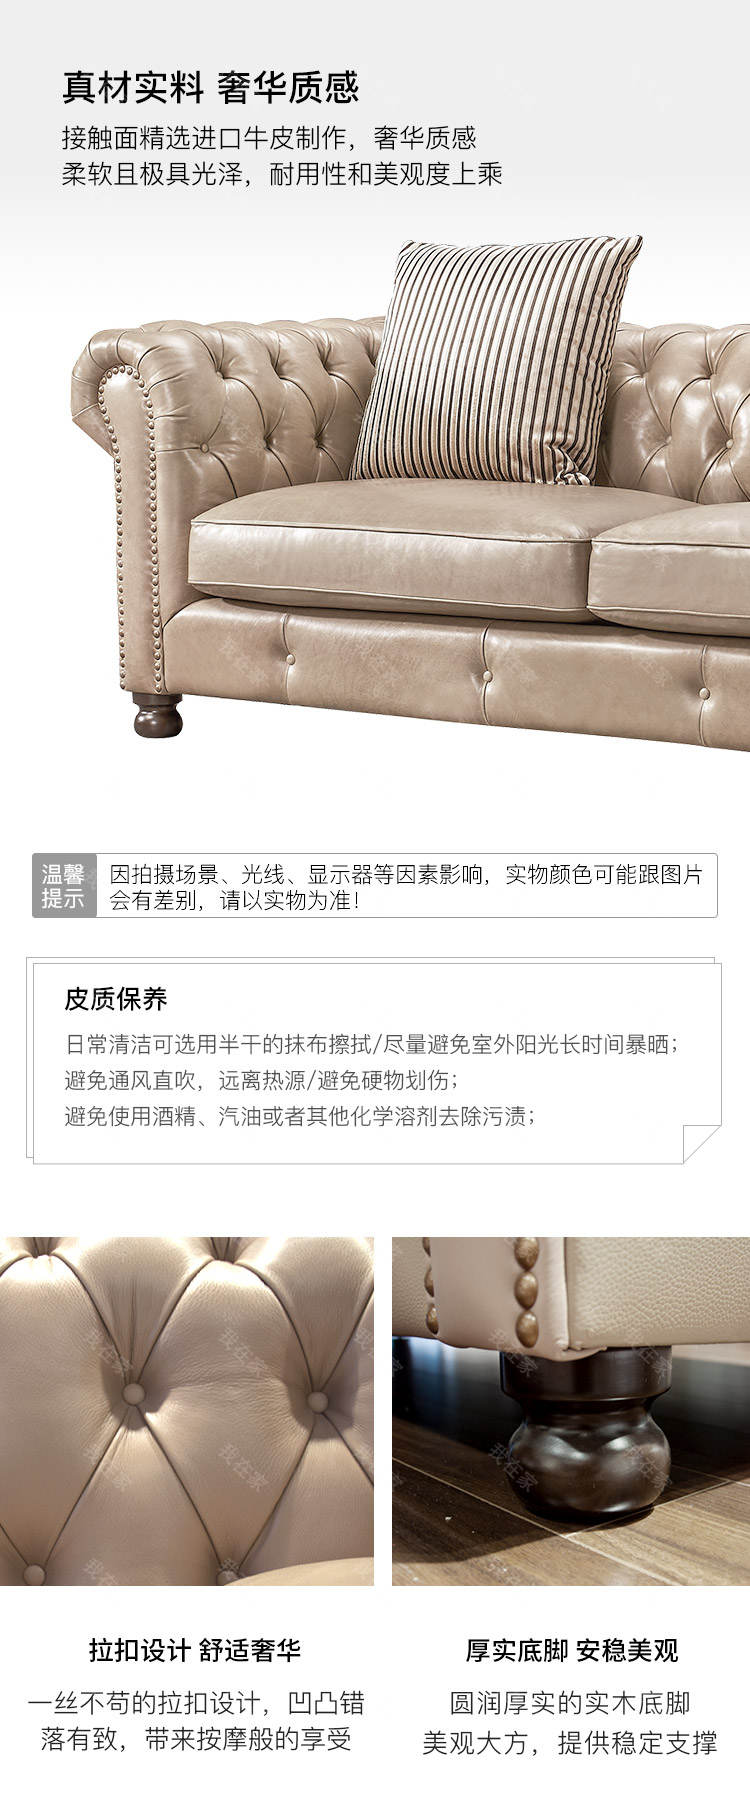 现代美式风格真皮沙发(样品特惠)的家具详细介绍